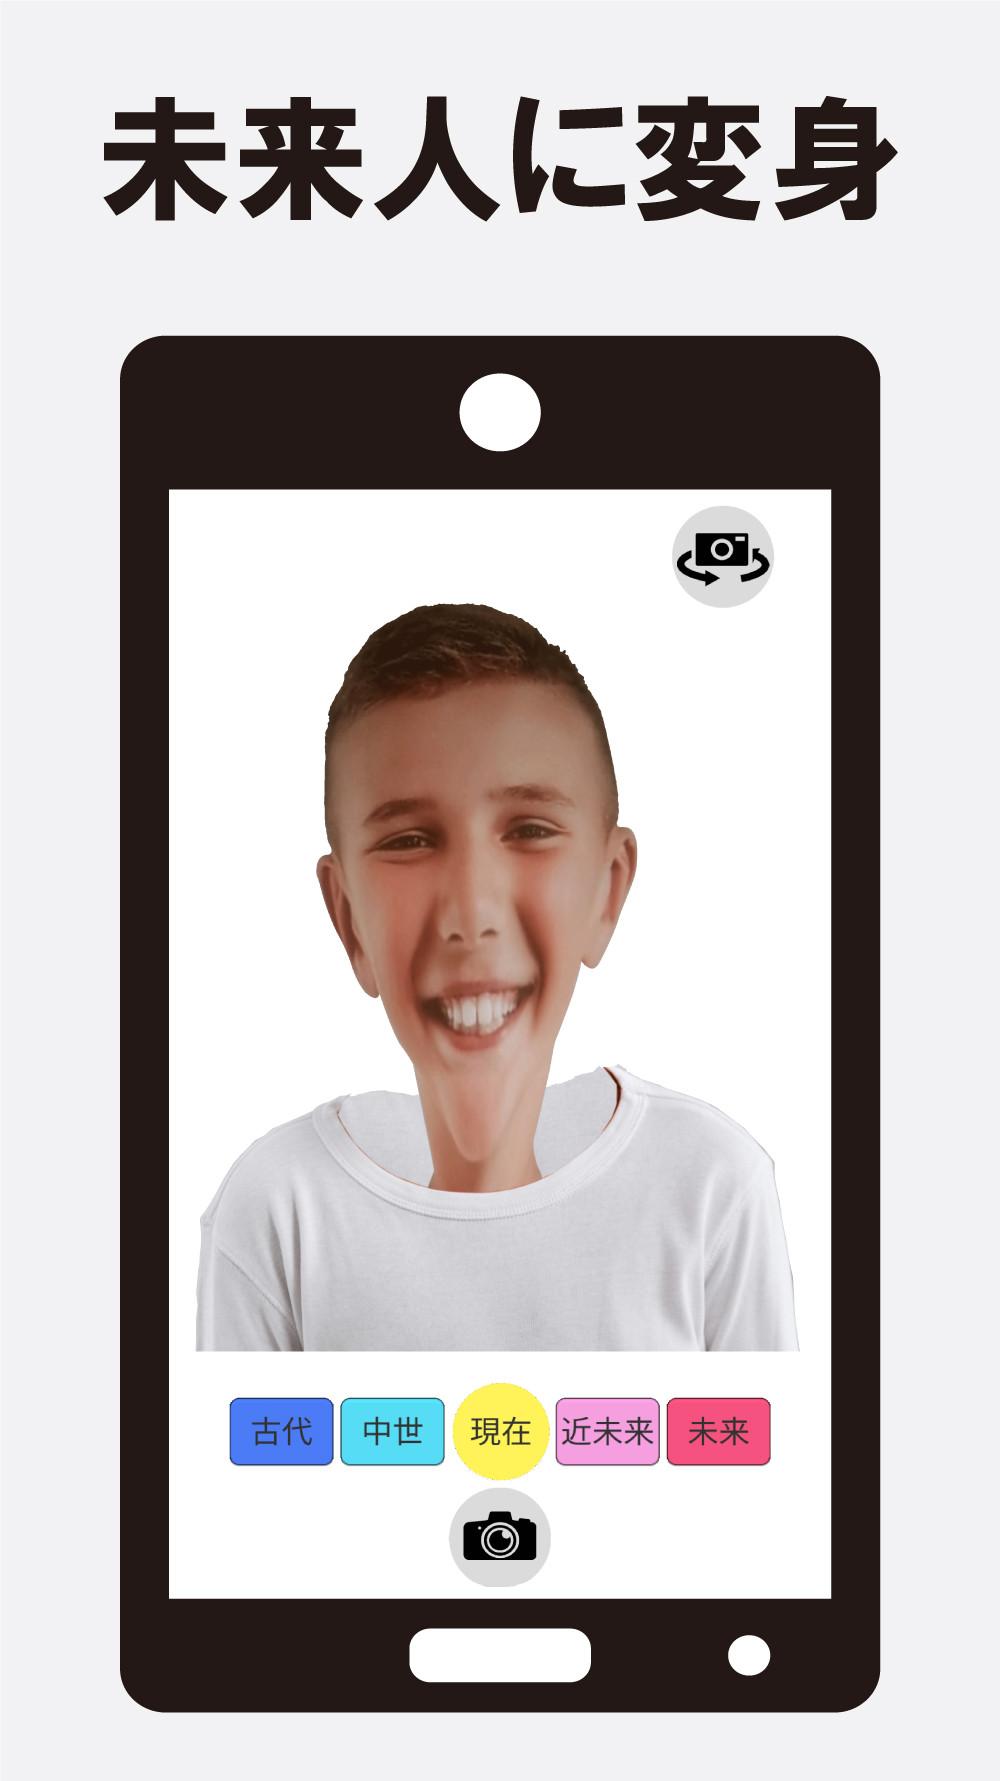 【Android無料アプリ】タイムトラベラー 顎の退化 咀嚼と顔の進化③